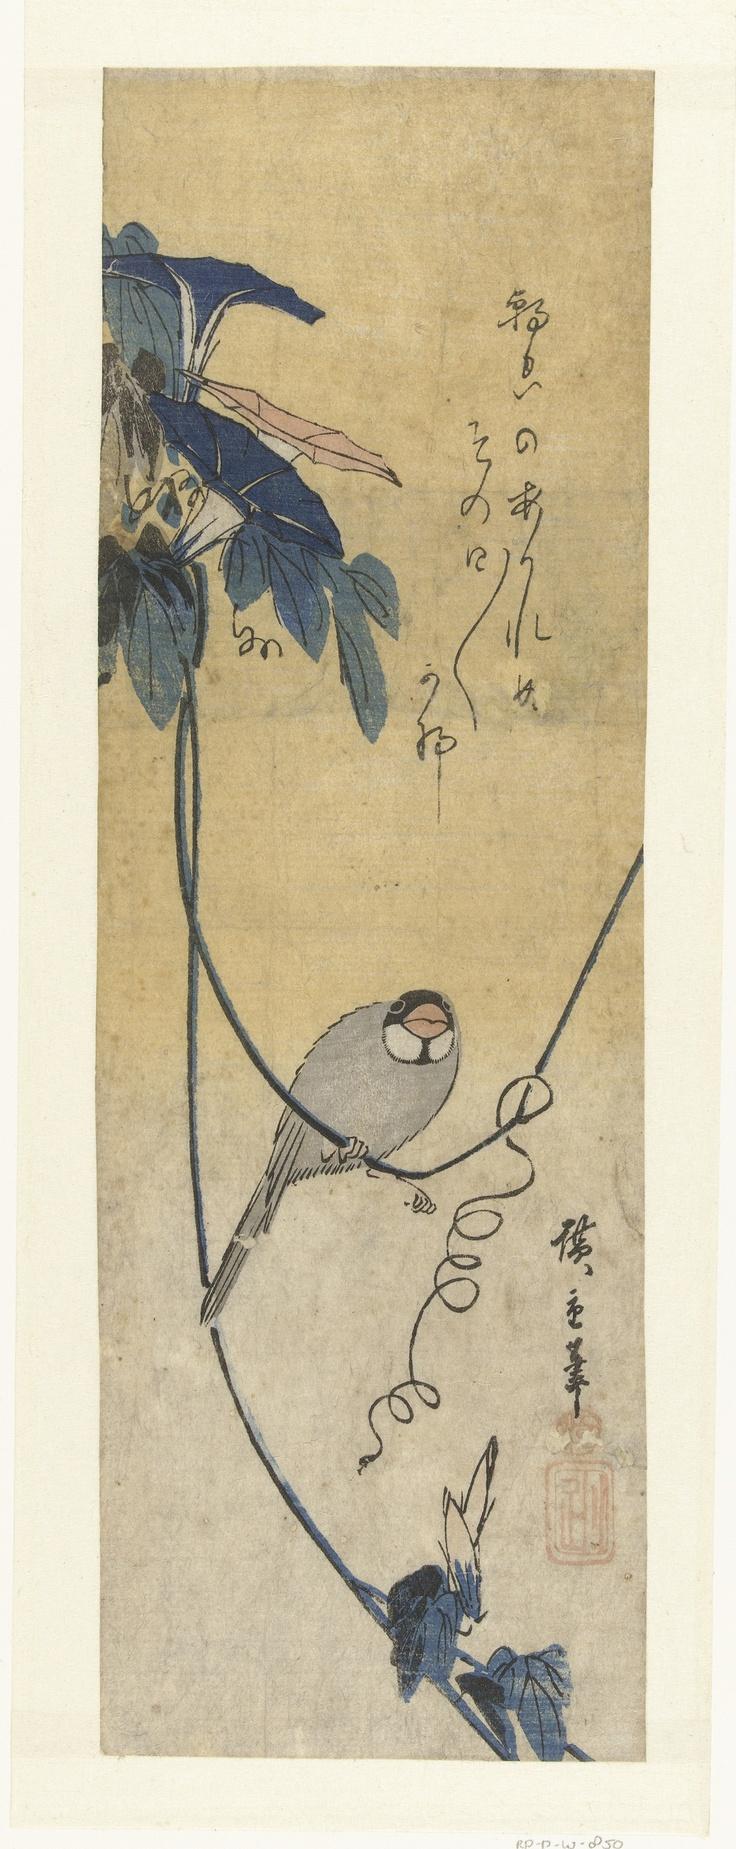 Vogel op tak van bloeiende blauwe winde, met haiku, tegen gele achtergrond.    Naar ontwerp van: Utagawa Hiroshige (I)  (1797 - 1858)